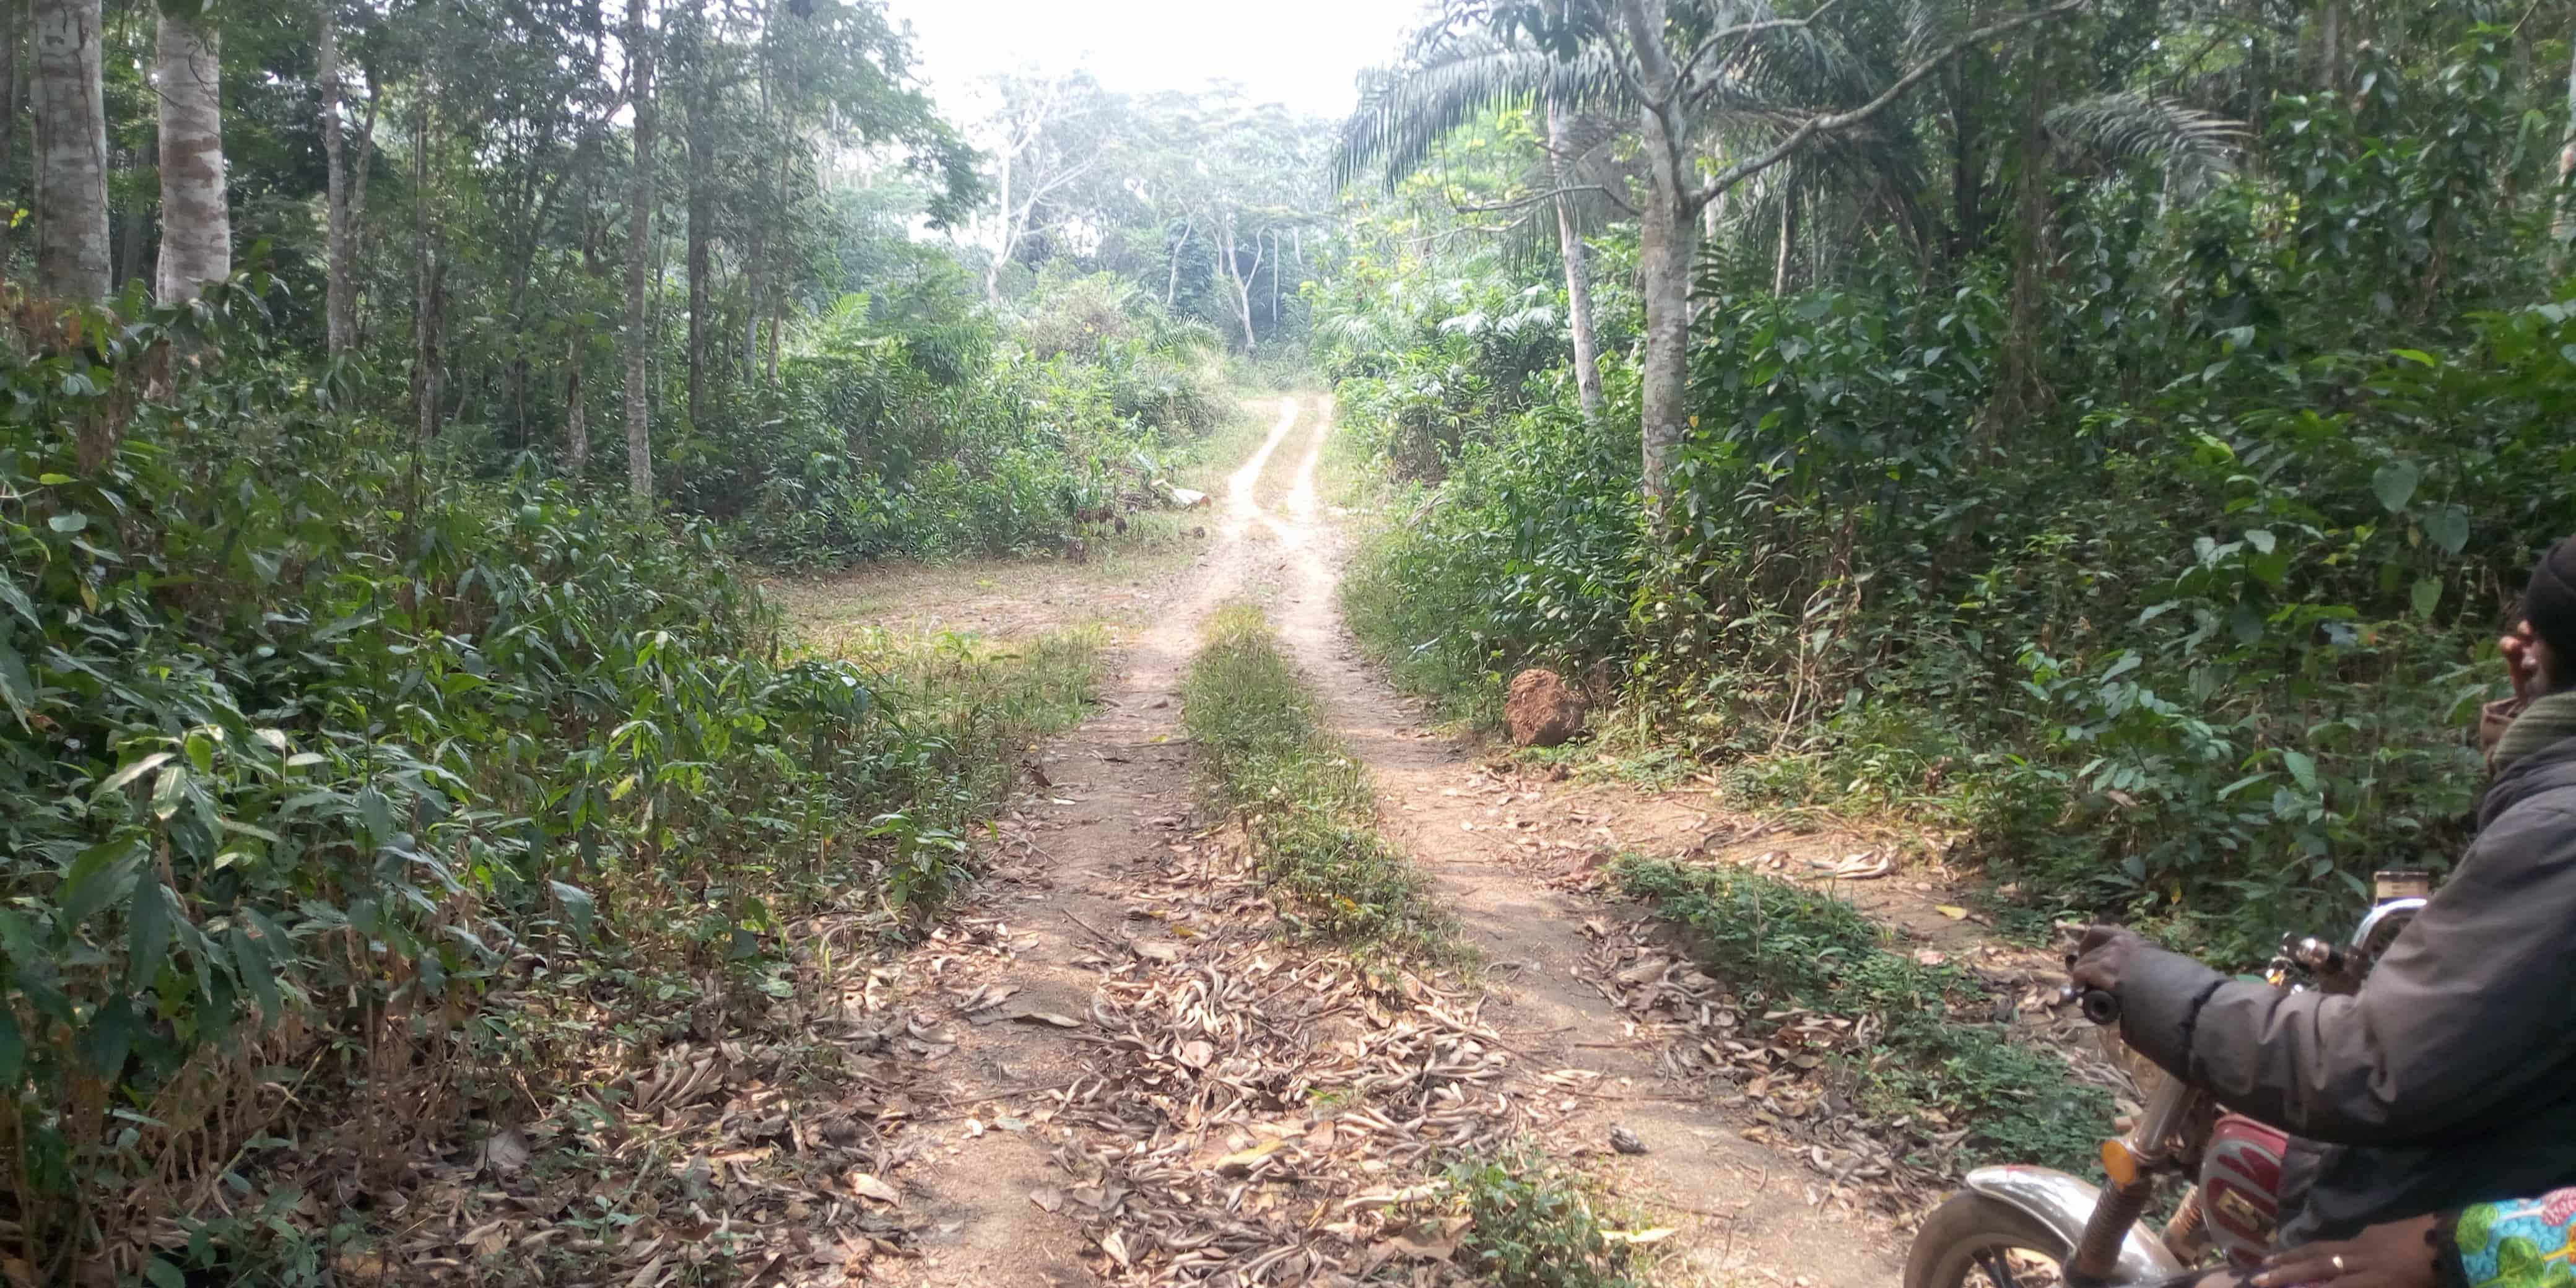 Land for sale at Yaoundé, Nsimalen, 3 HECTARES TITRÉS À VENDRE YAOUNDÉ NSIMALEN À 10 KM DE LA PISTE D'ATTERRISSAGE - 30000 m2 - 60 000 000 FCFA